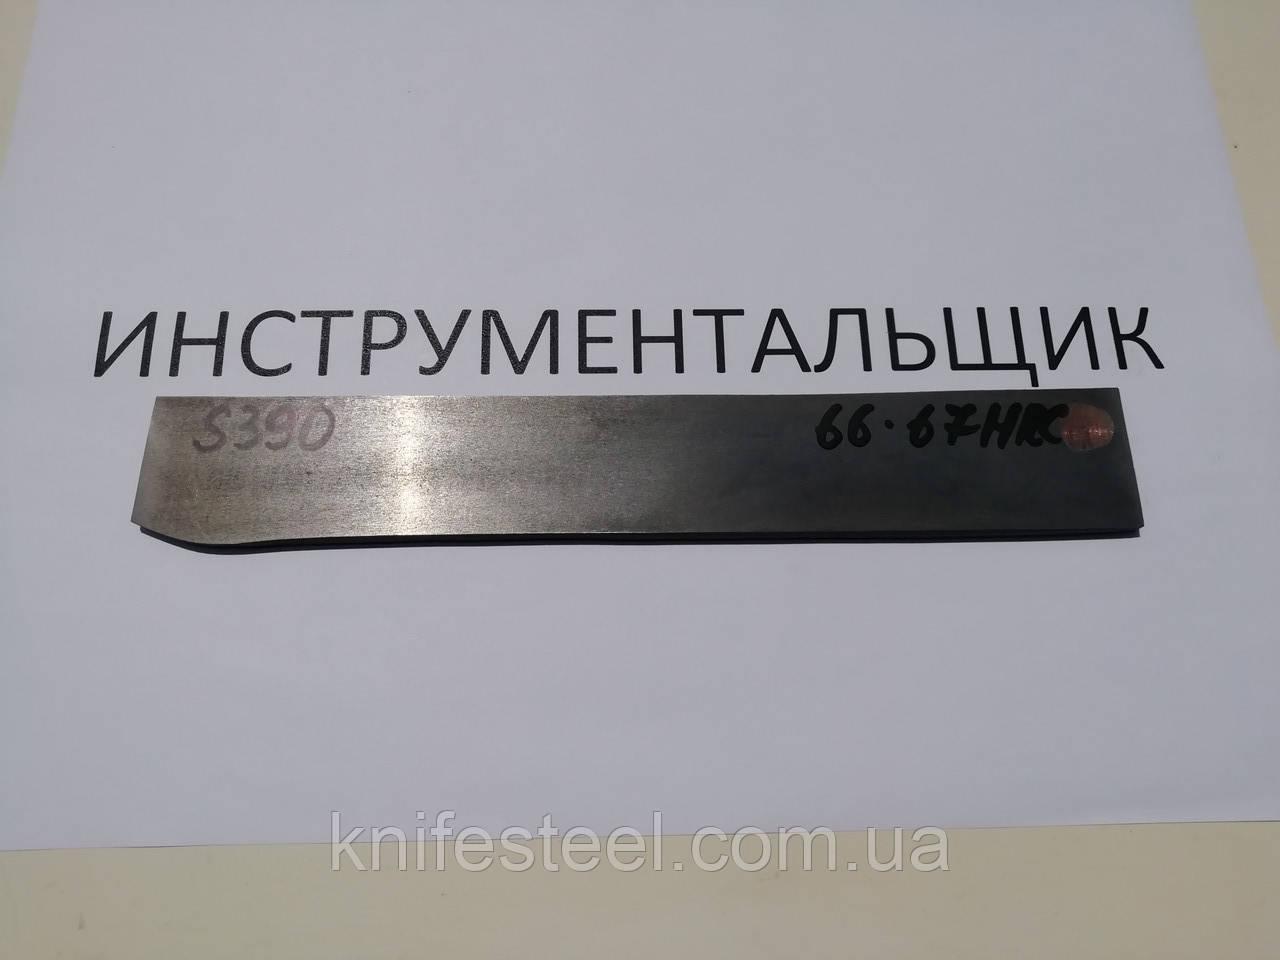 Заготівля для ножа сталь S390 210х32х3,6 мм термообробка (66-67 HRC)